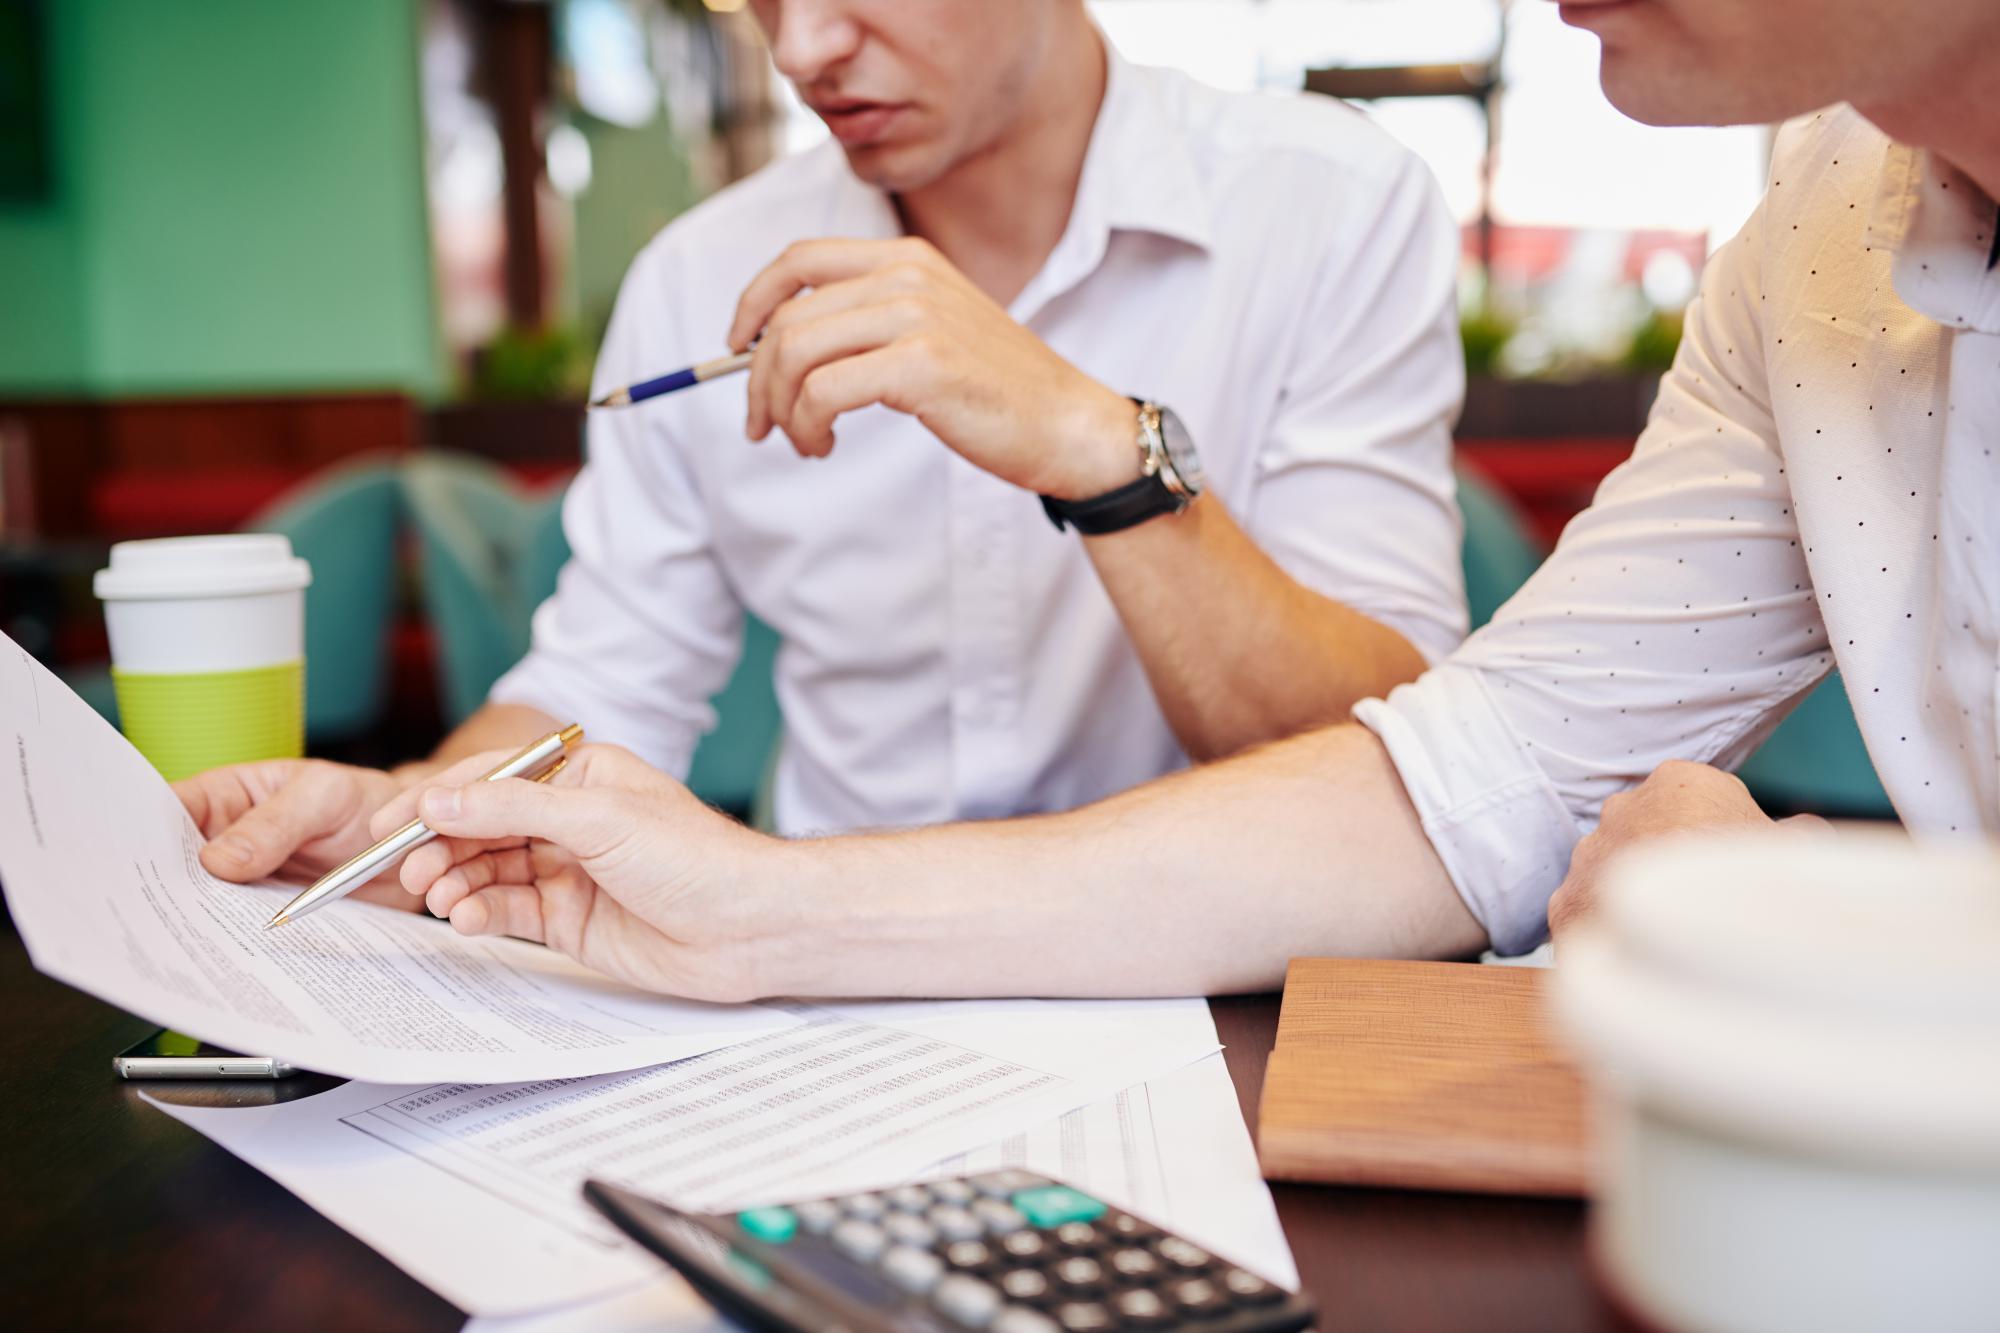 Схема по завышению суммы сделки между взаимозависимыми лицами была раскрыта